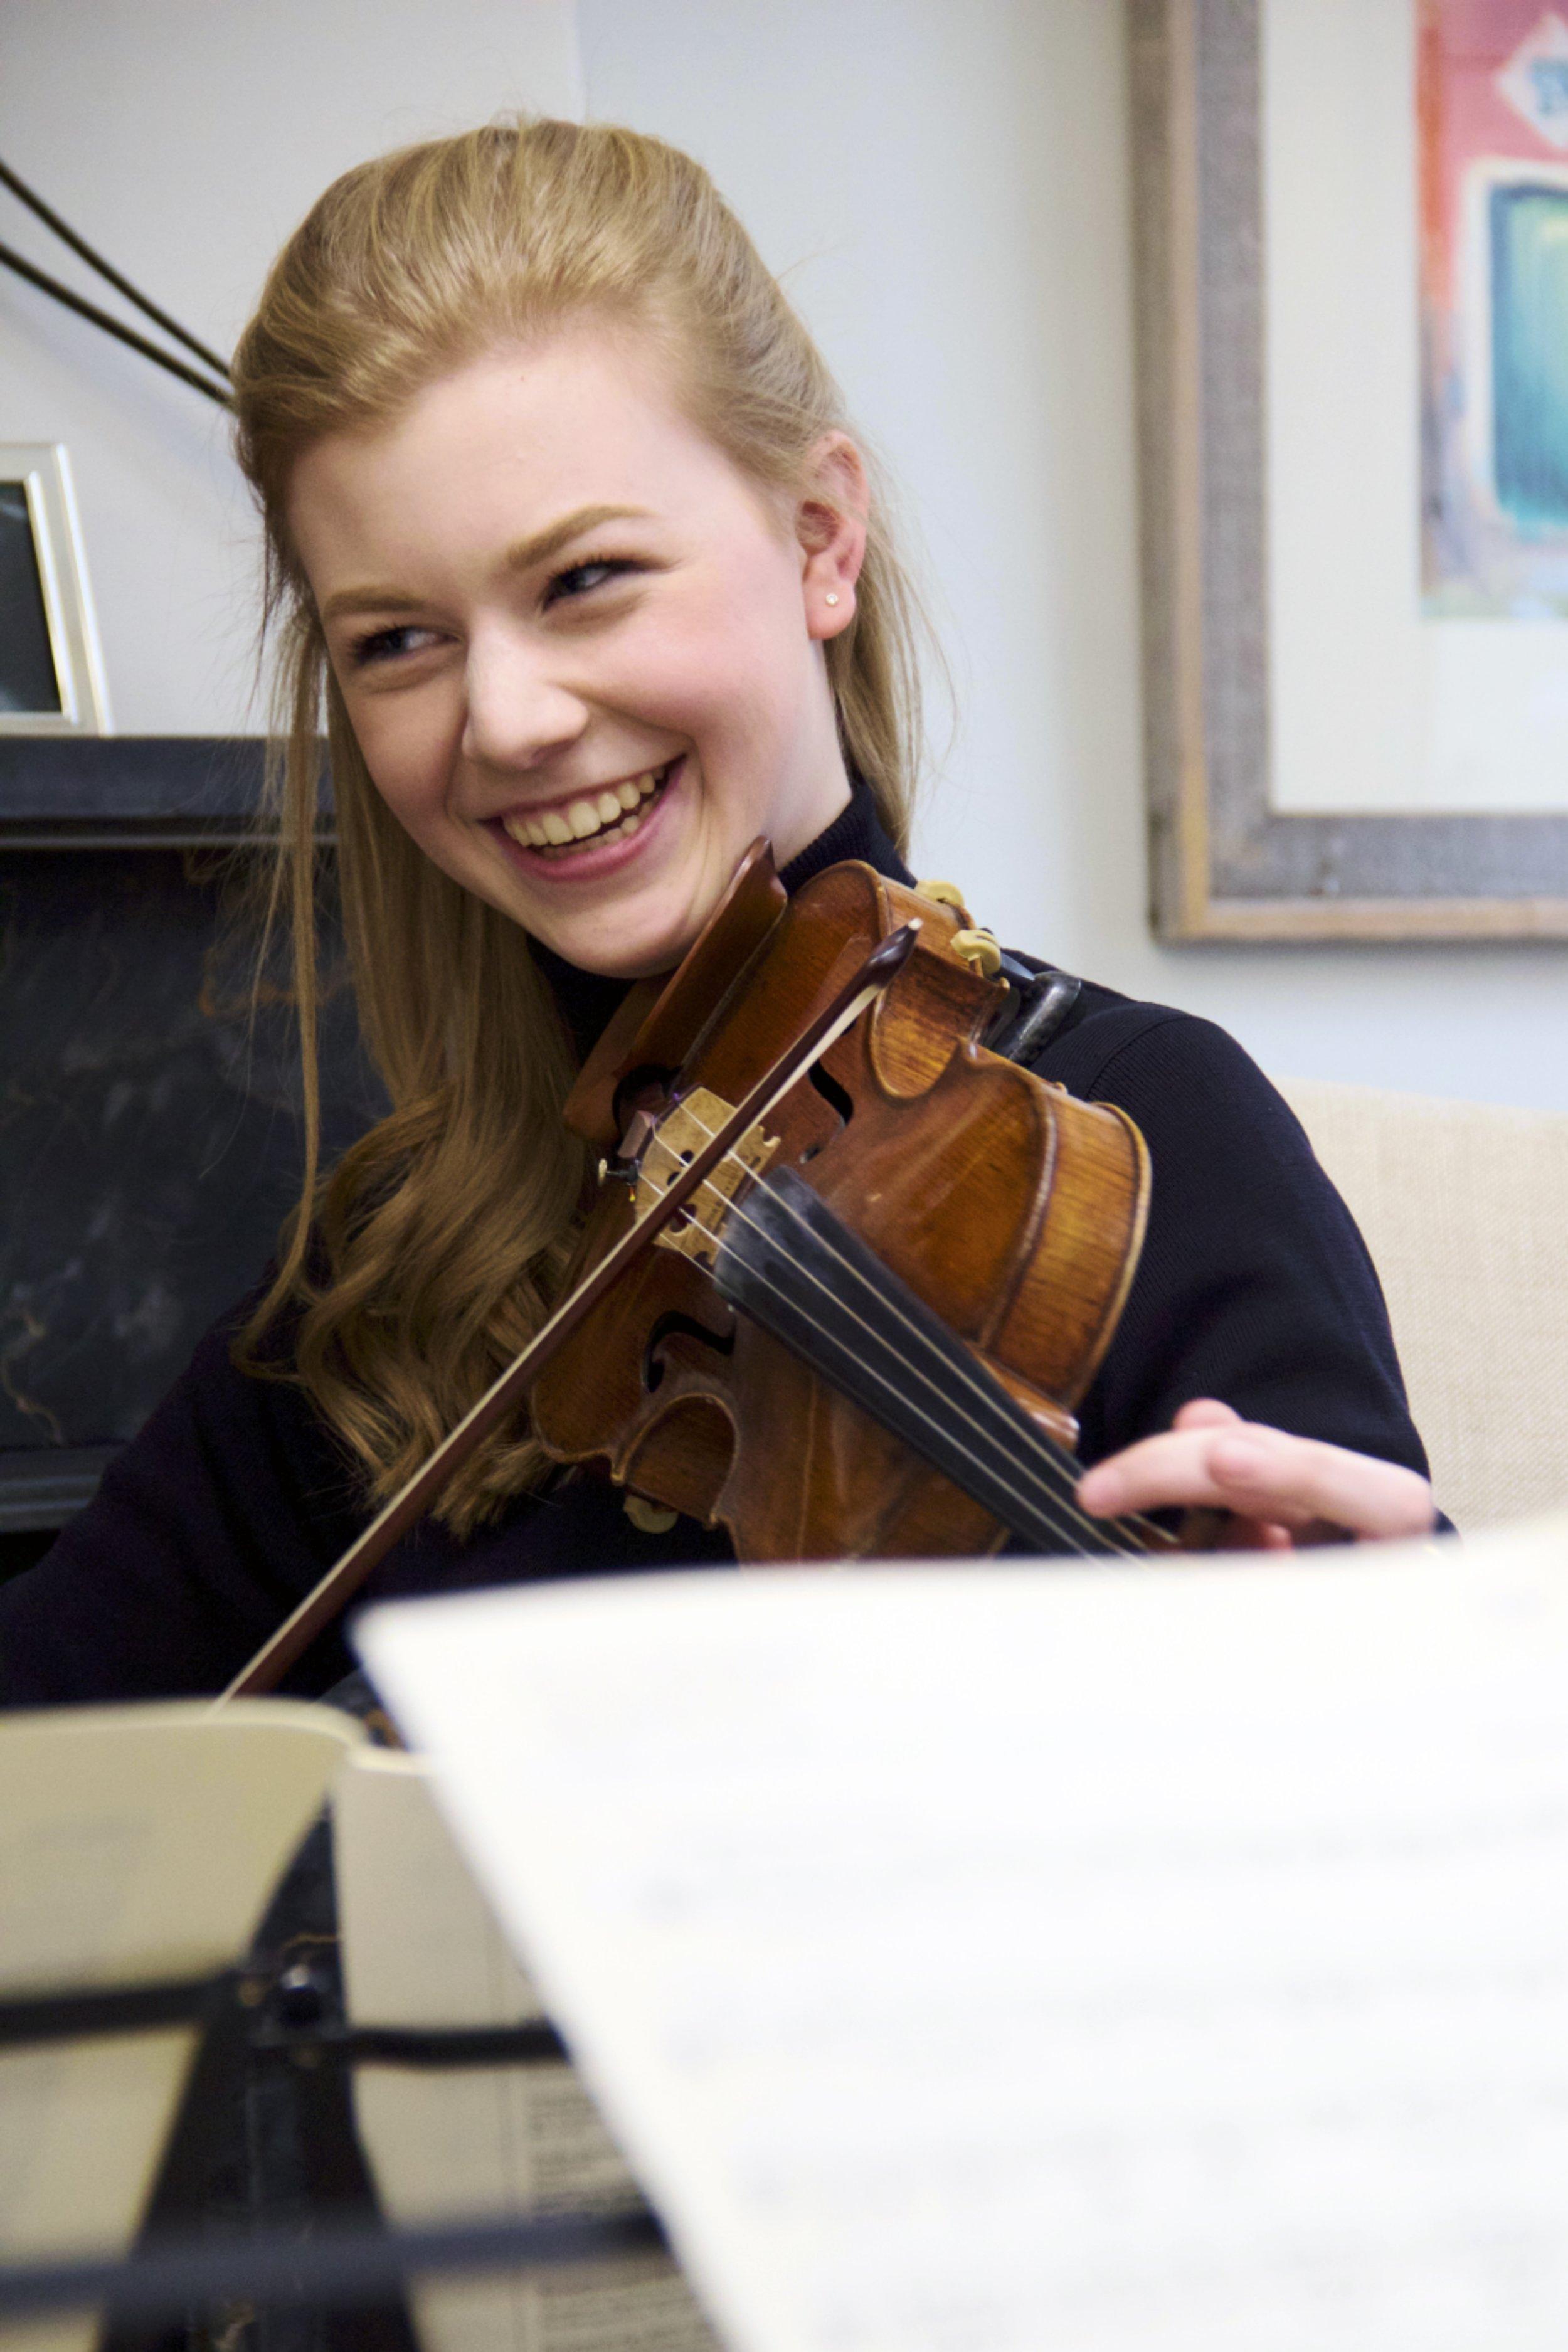 Kate Arndt, Violinist